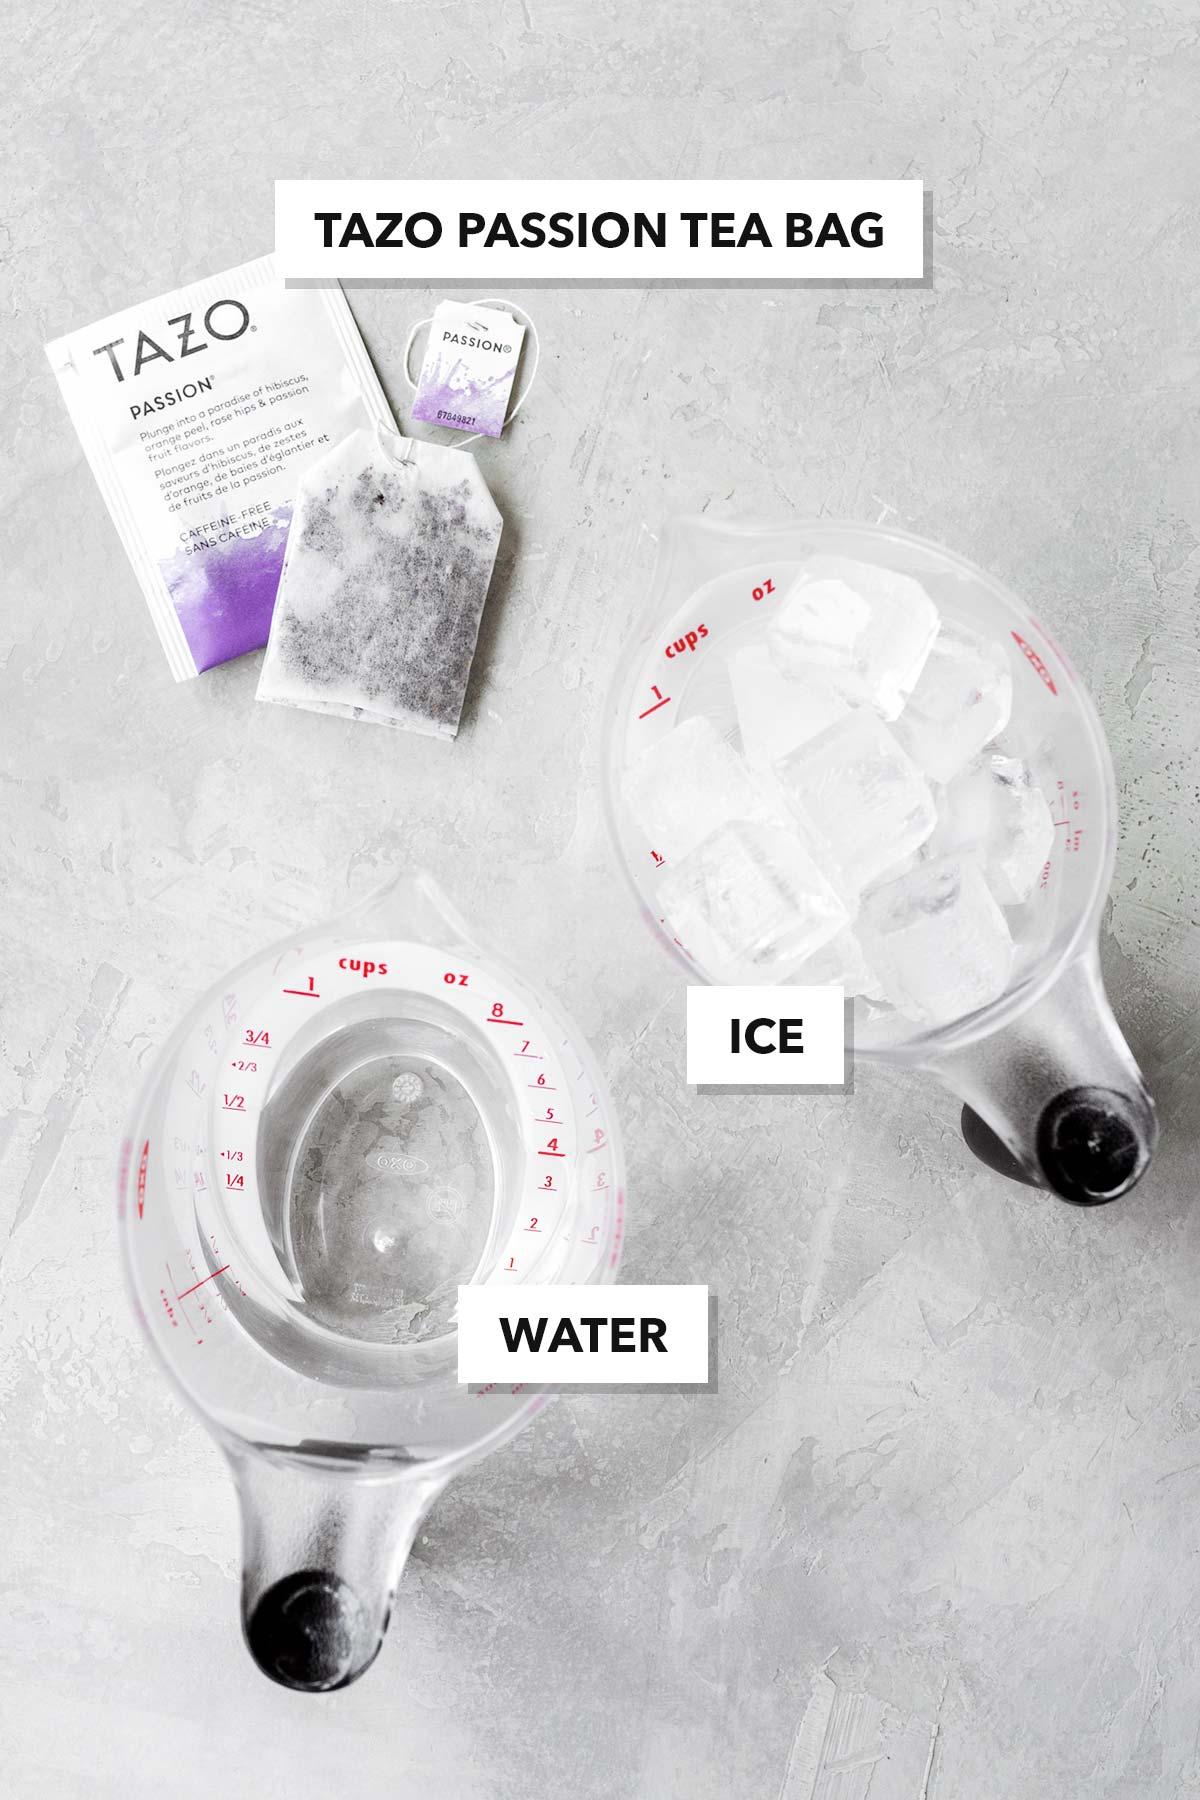 Iced Passion Tango Tea copycat recipe ingredients.